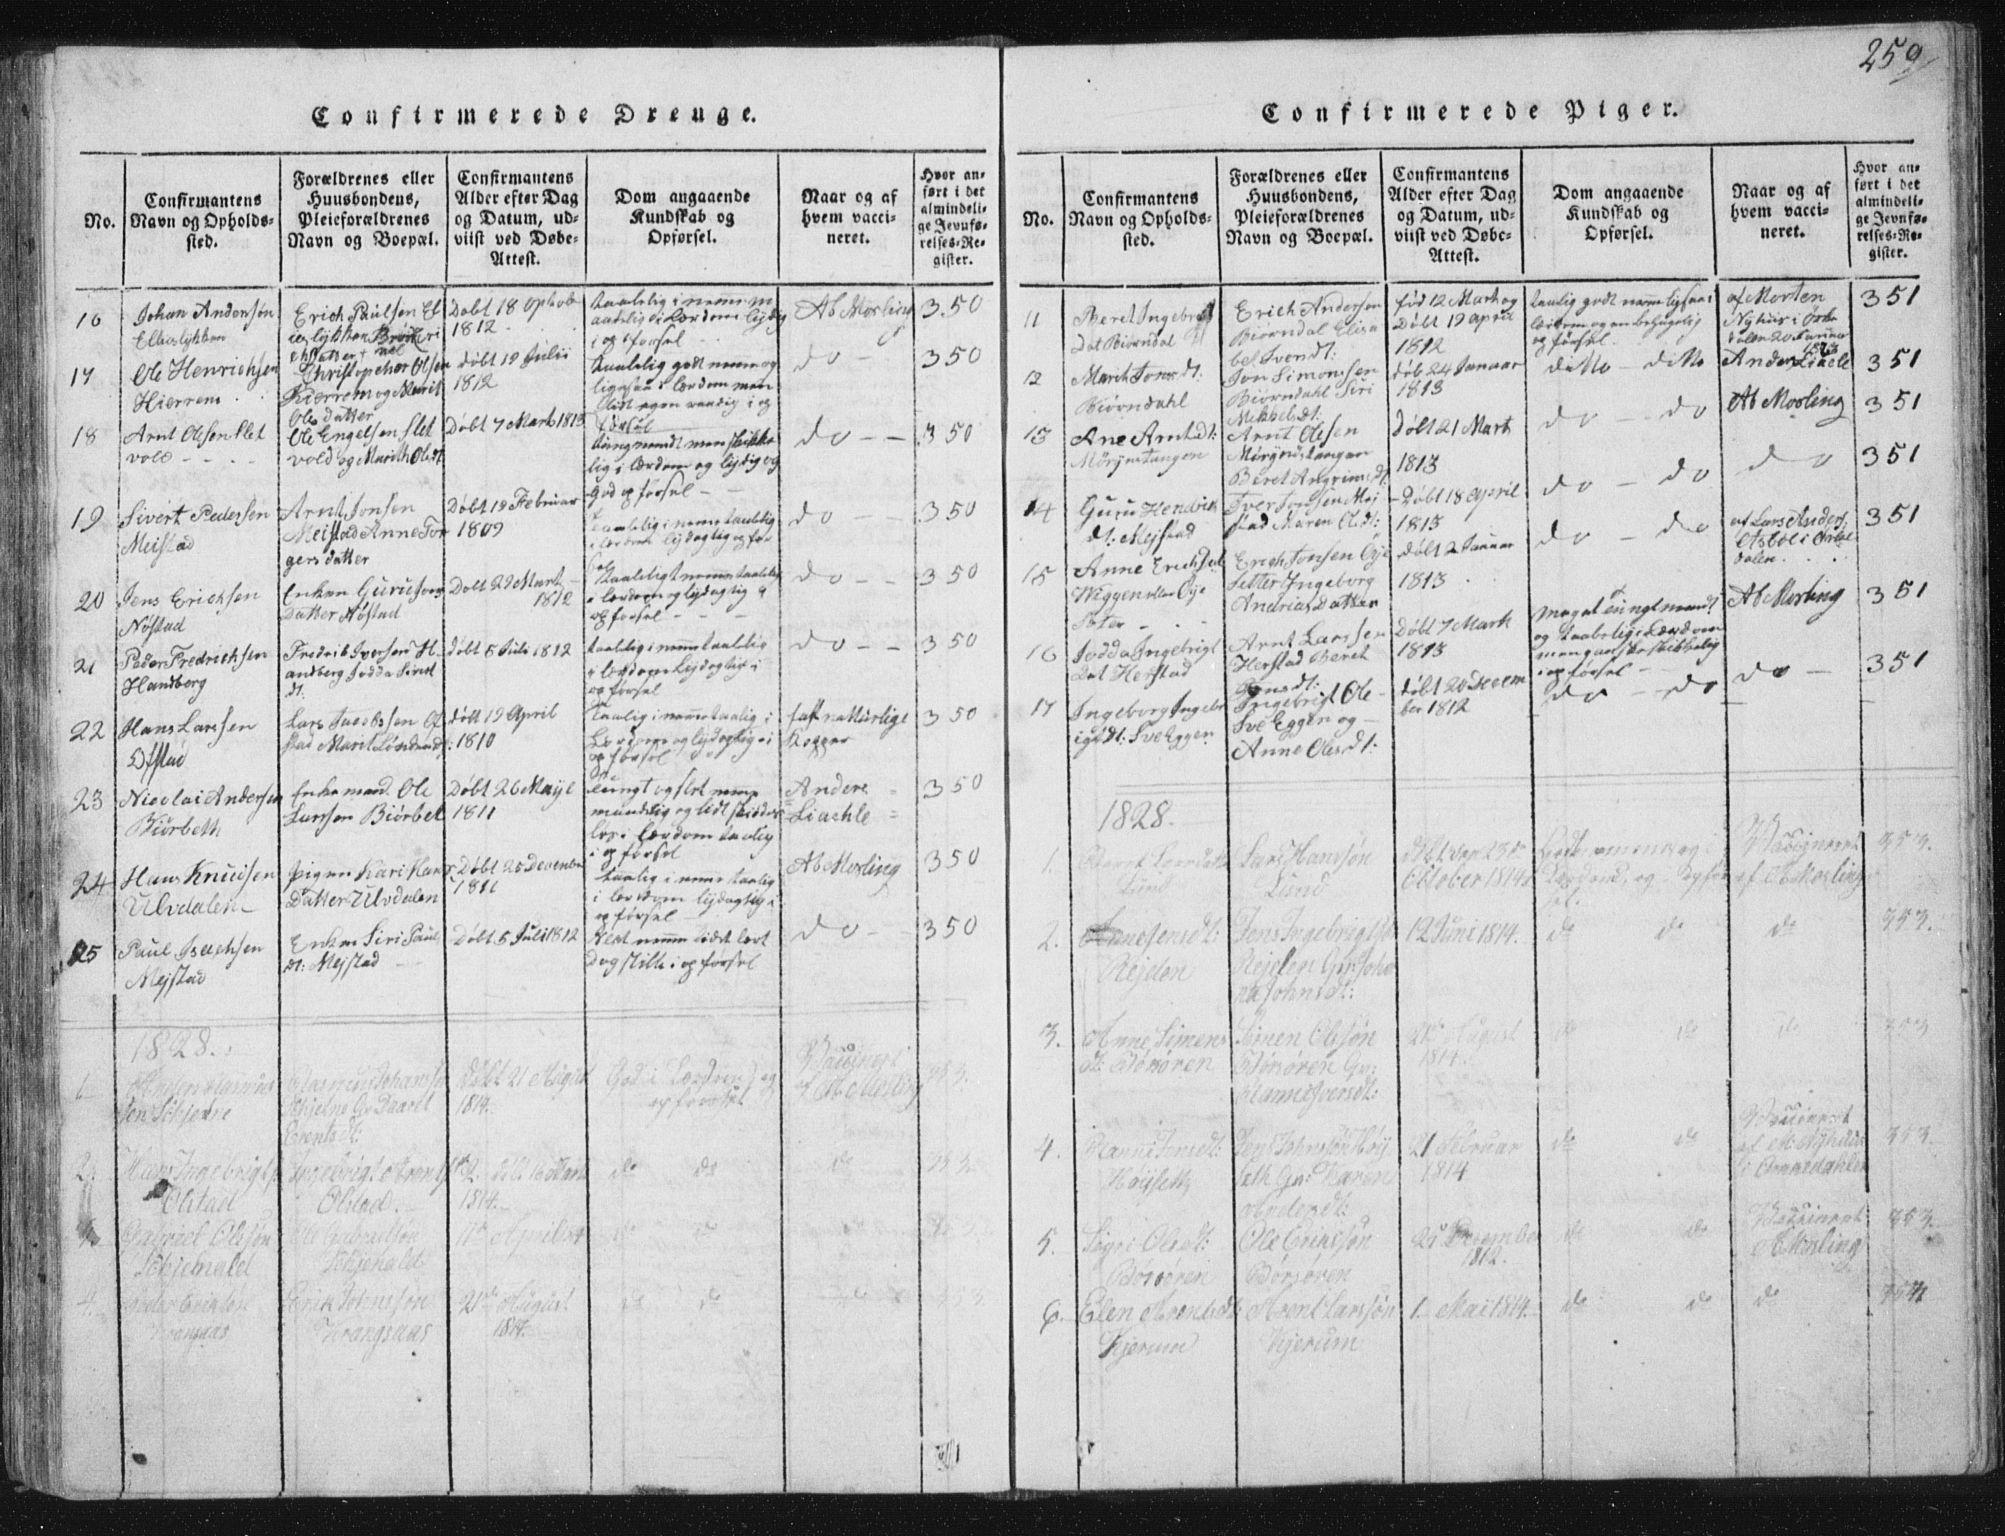 SAT, Ministerialprotokoller, klokkerbøker og fødselsregistre - Sør-Trøndelag, 665/L0770: Ministerialbok nr. 665A05, 1817-1829, s. 250